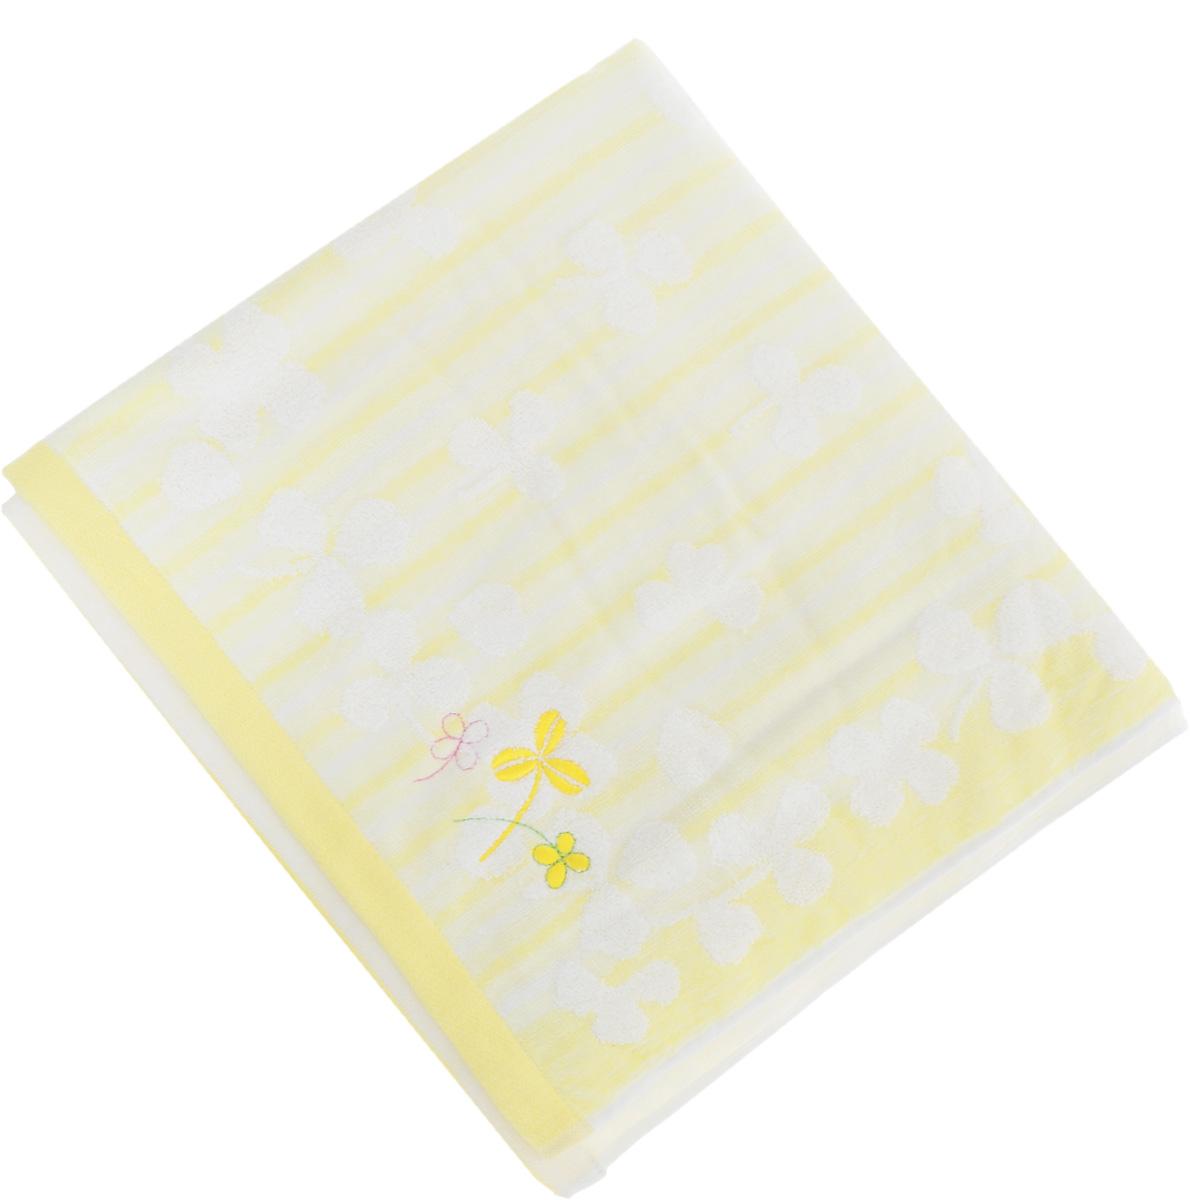 Полотенце Soavita Desy, цвет: желтый, 70 х 140 см65425Полотенце Soavita Desy выполнено из 100% хлопка. Изделие отлично впитывает влагу, быстро сохнет, сохраняет яркость цвета и не теряет форму даже после многократных стирок. Полотенце очень практично и неприхотливо в уходе. Оно создаст прекрасное настроение и украсит интерьер в ванной комнате.